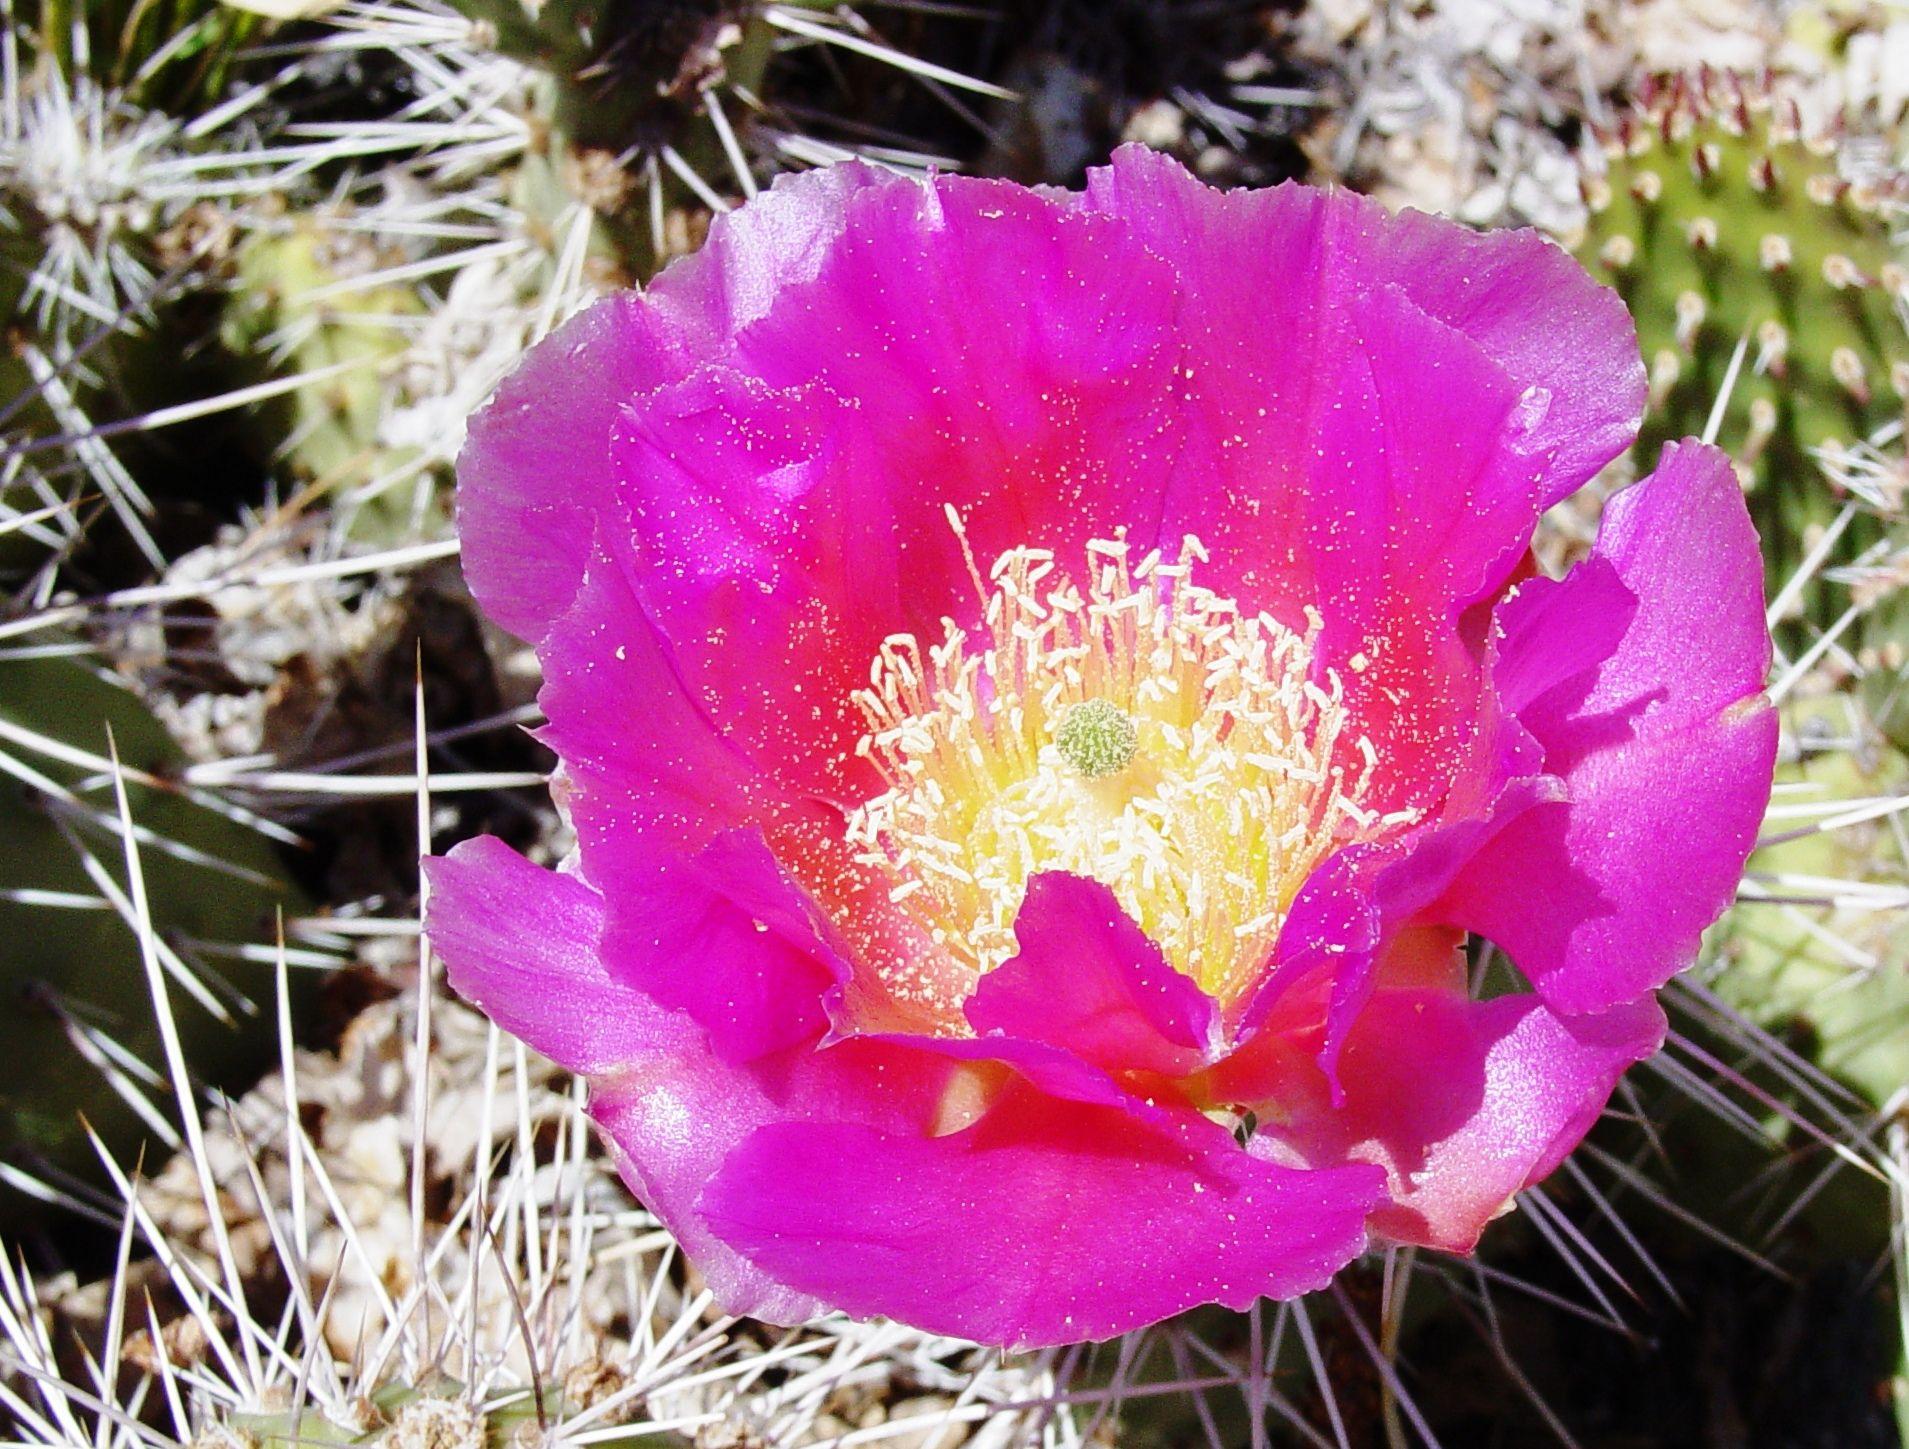 Cactus flower reno nevada cactus flower cactus flowers